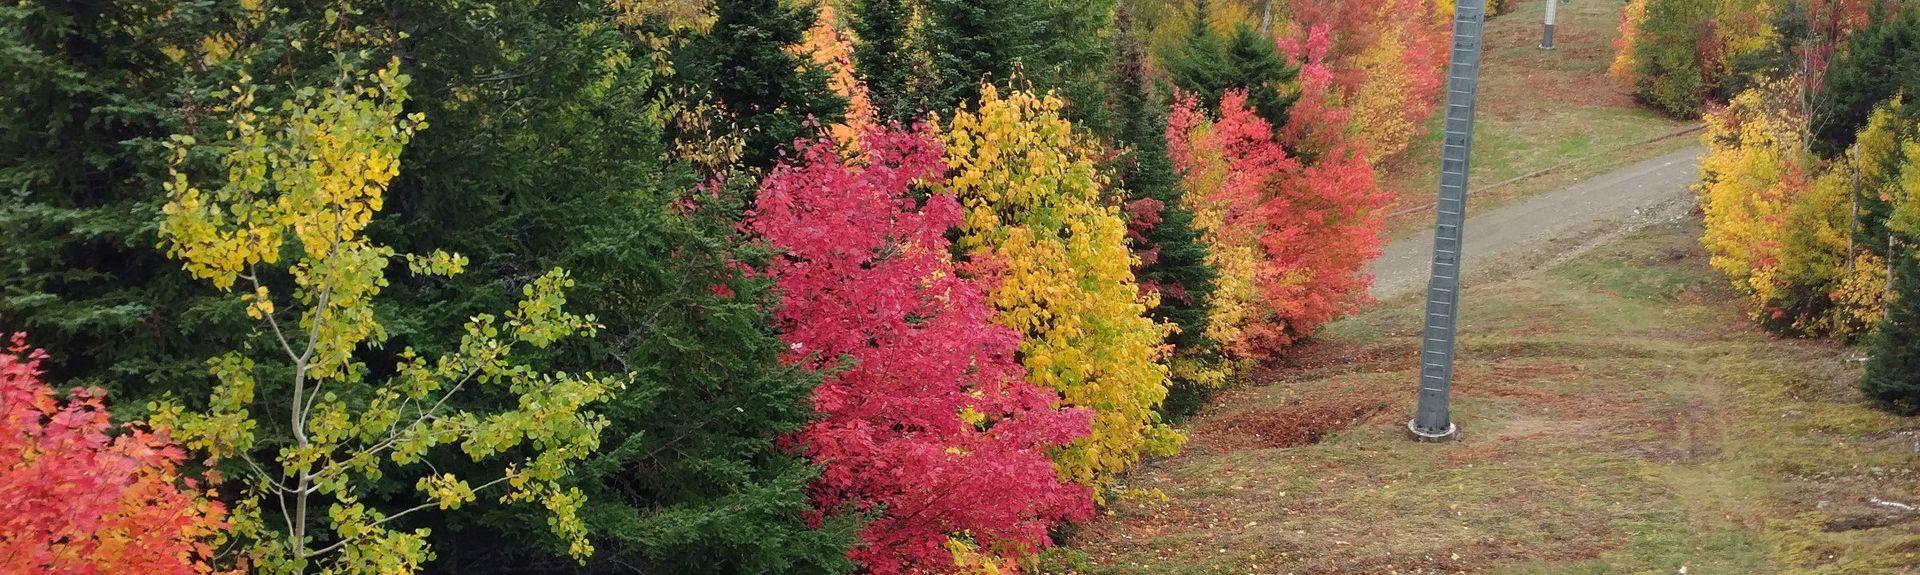 Carrabassett Valley, Maine, États-Unis d'Amérique